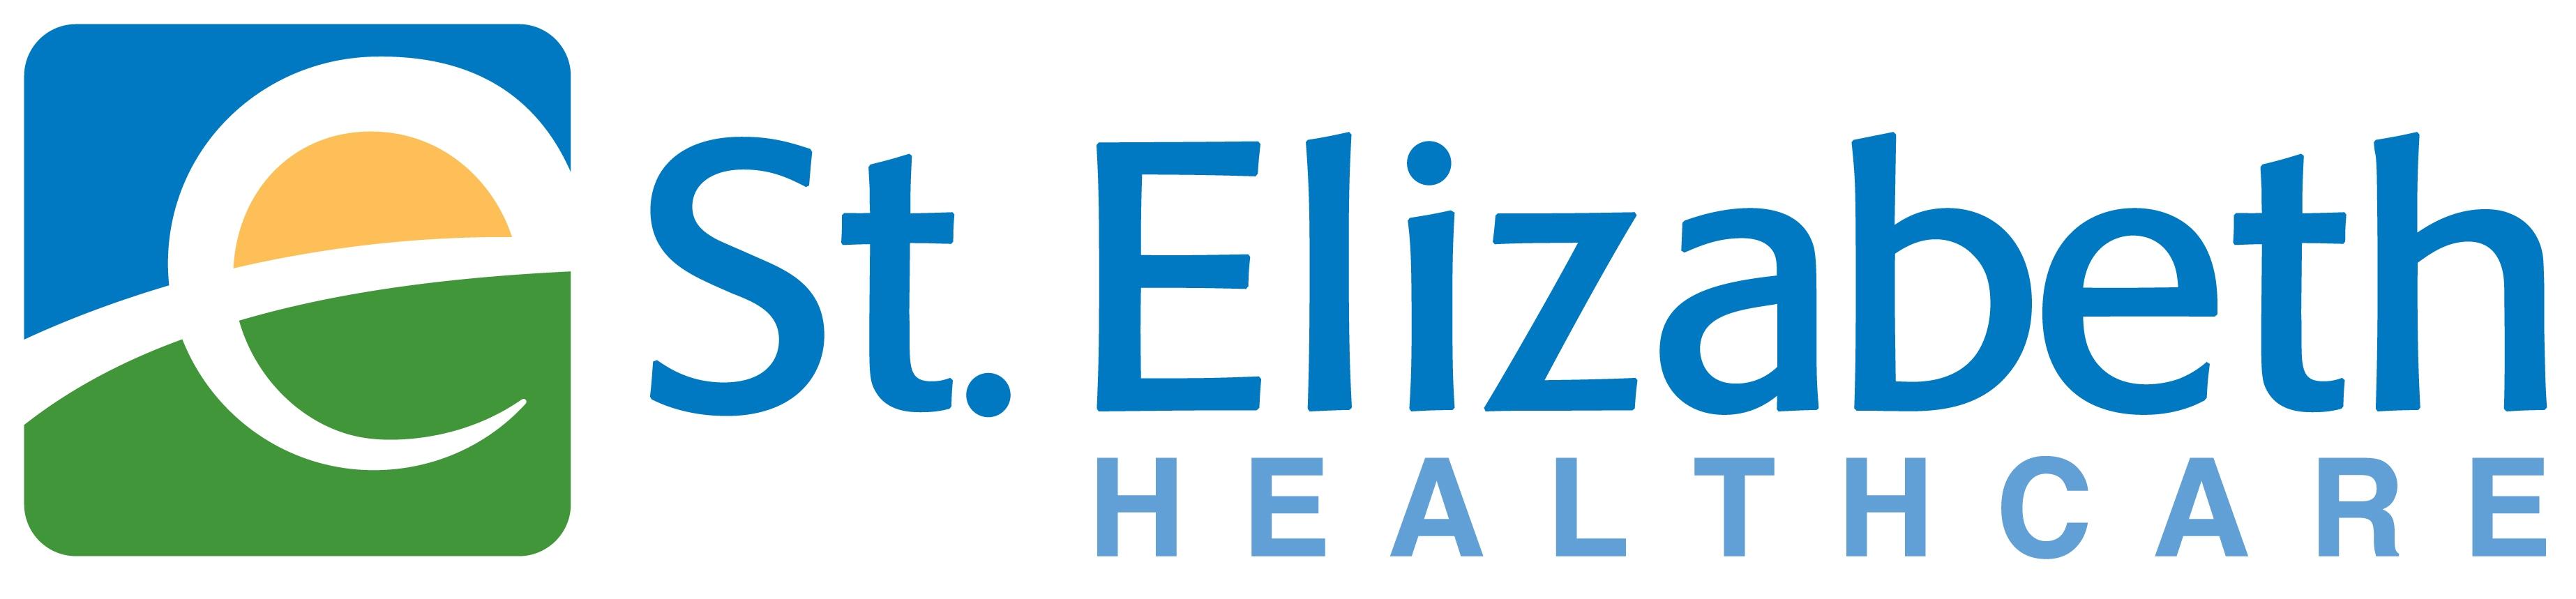 St. Elizabeth Hospital logo